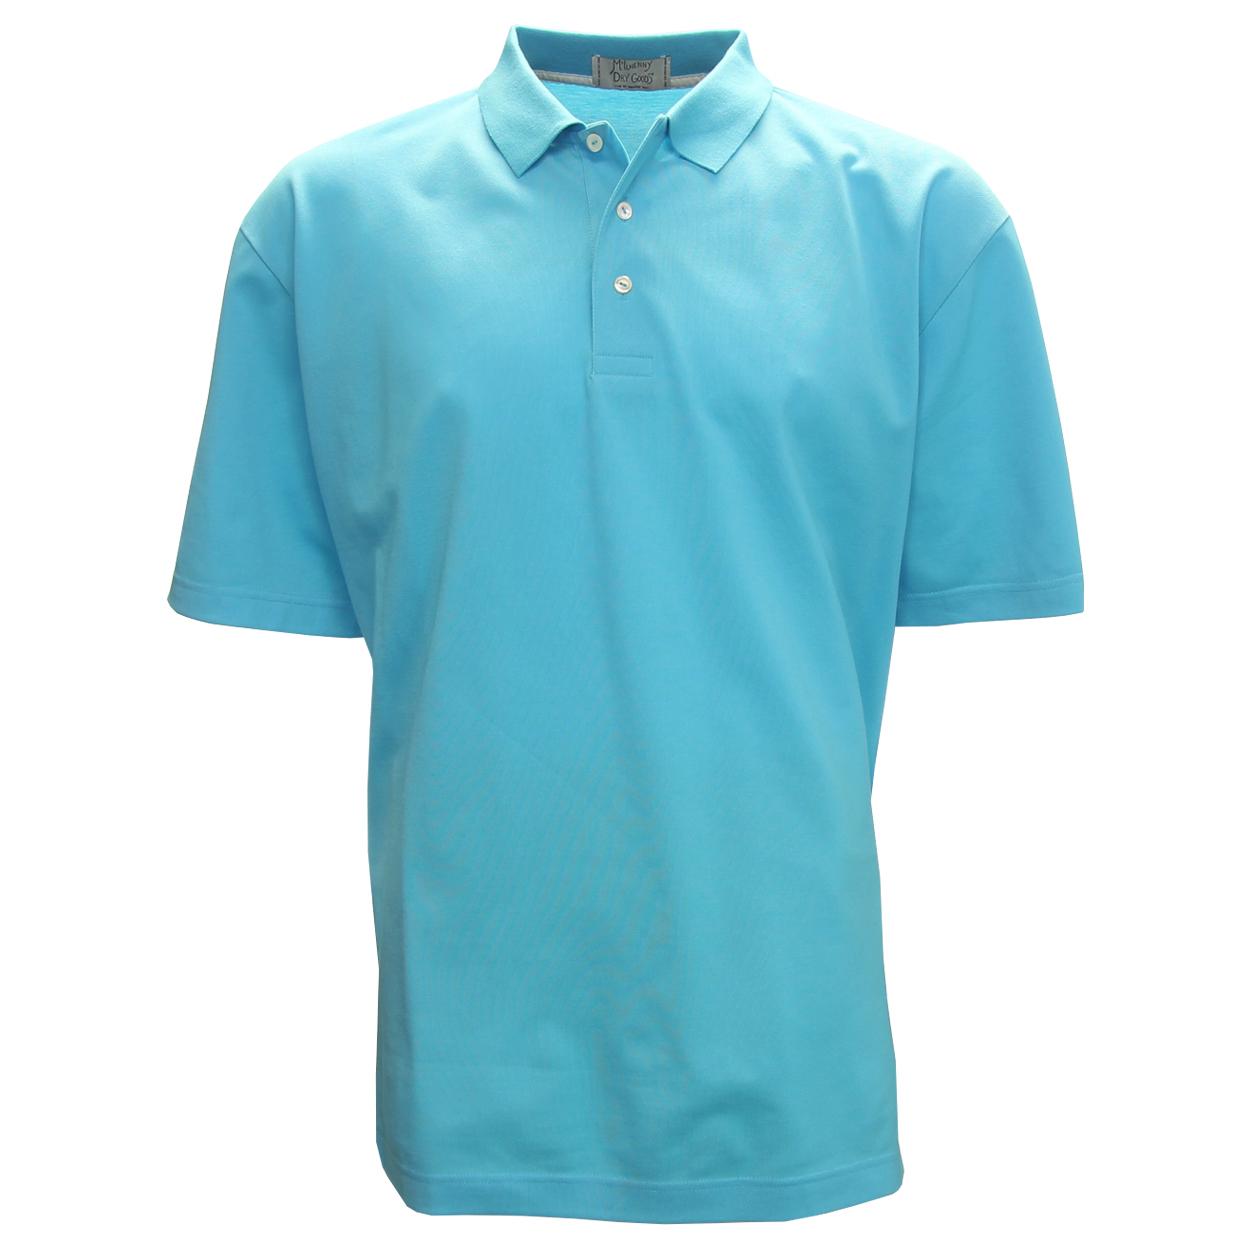 Tabasco Solid Pique Polo Golf Shirt